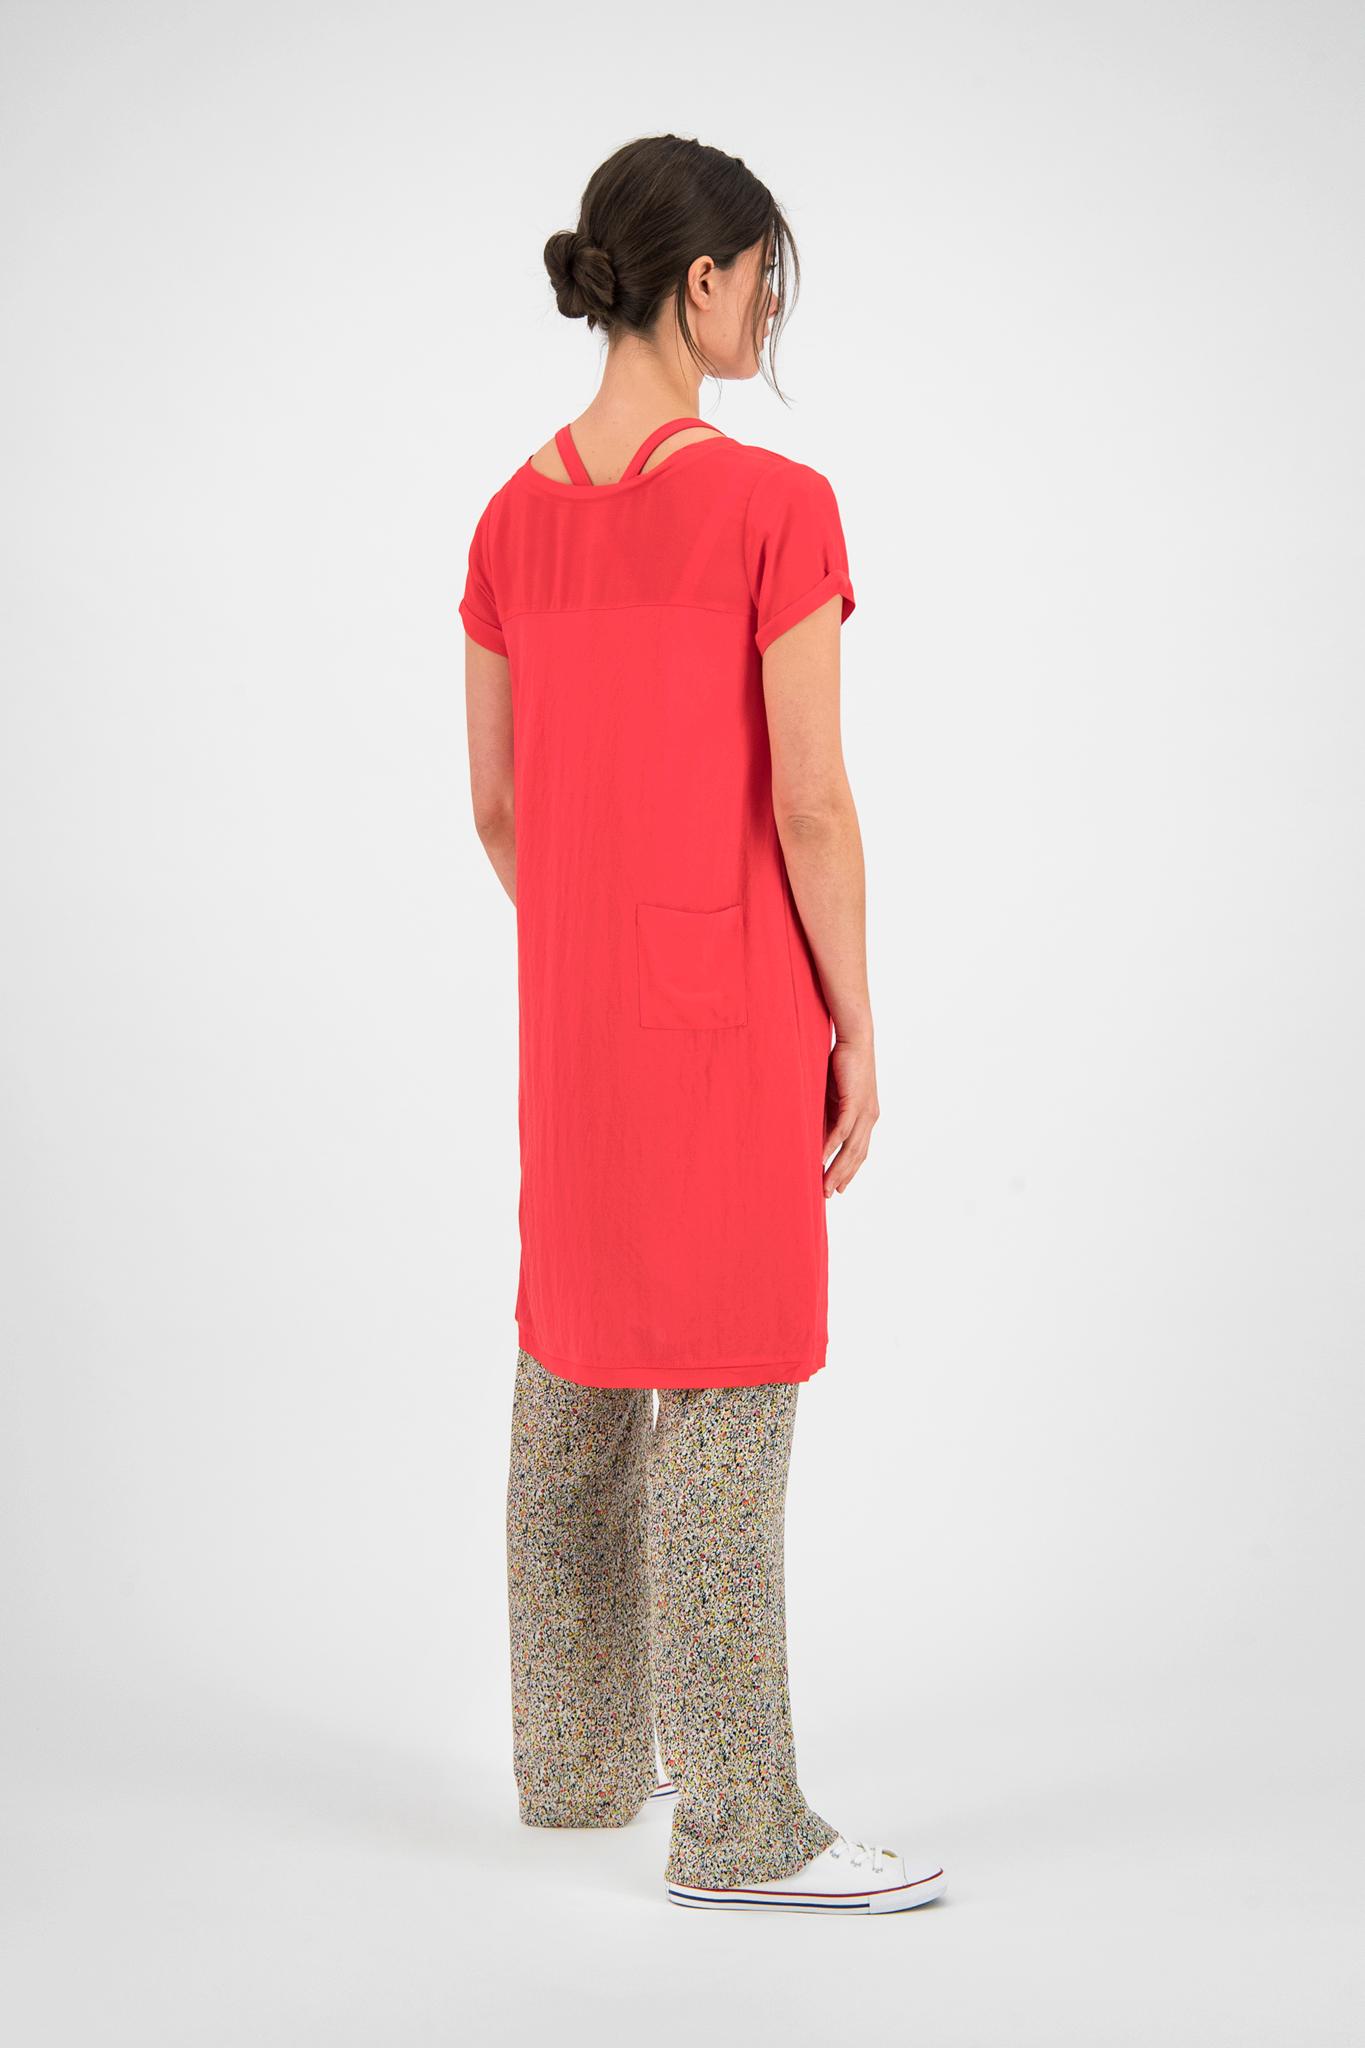 SYLVER Crêpe Stretch Dress-Blouse - Coral